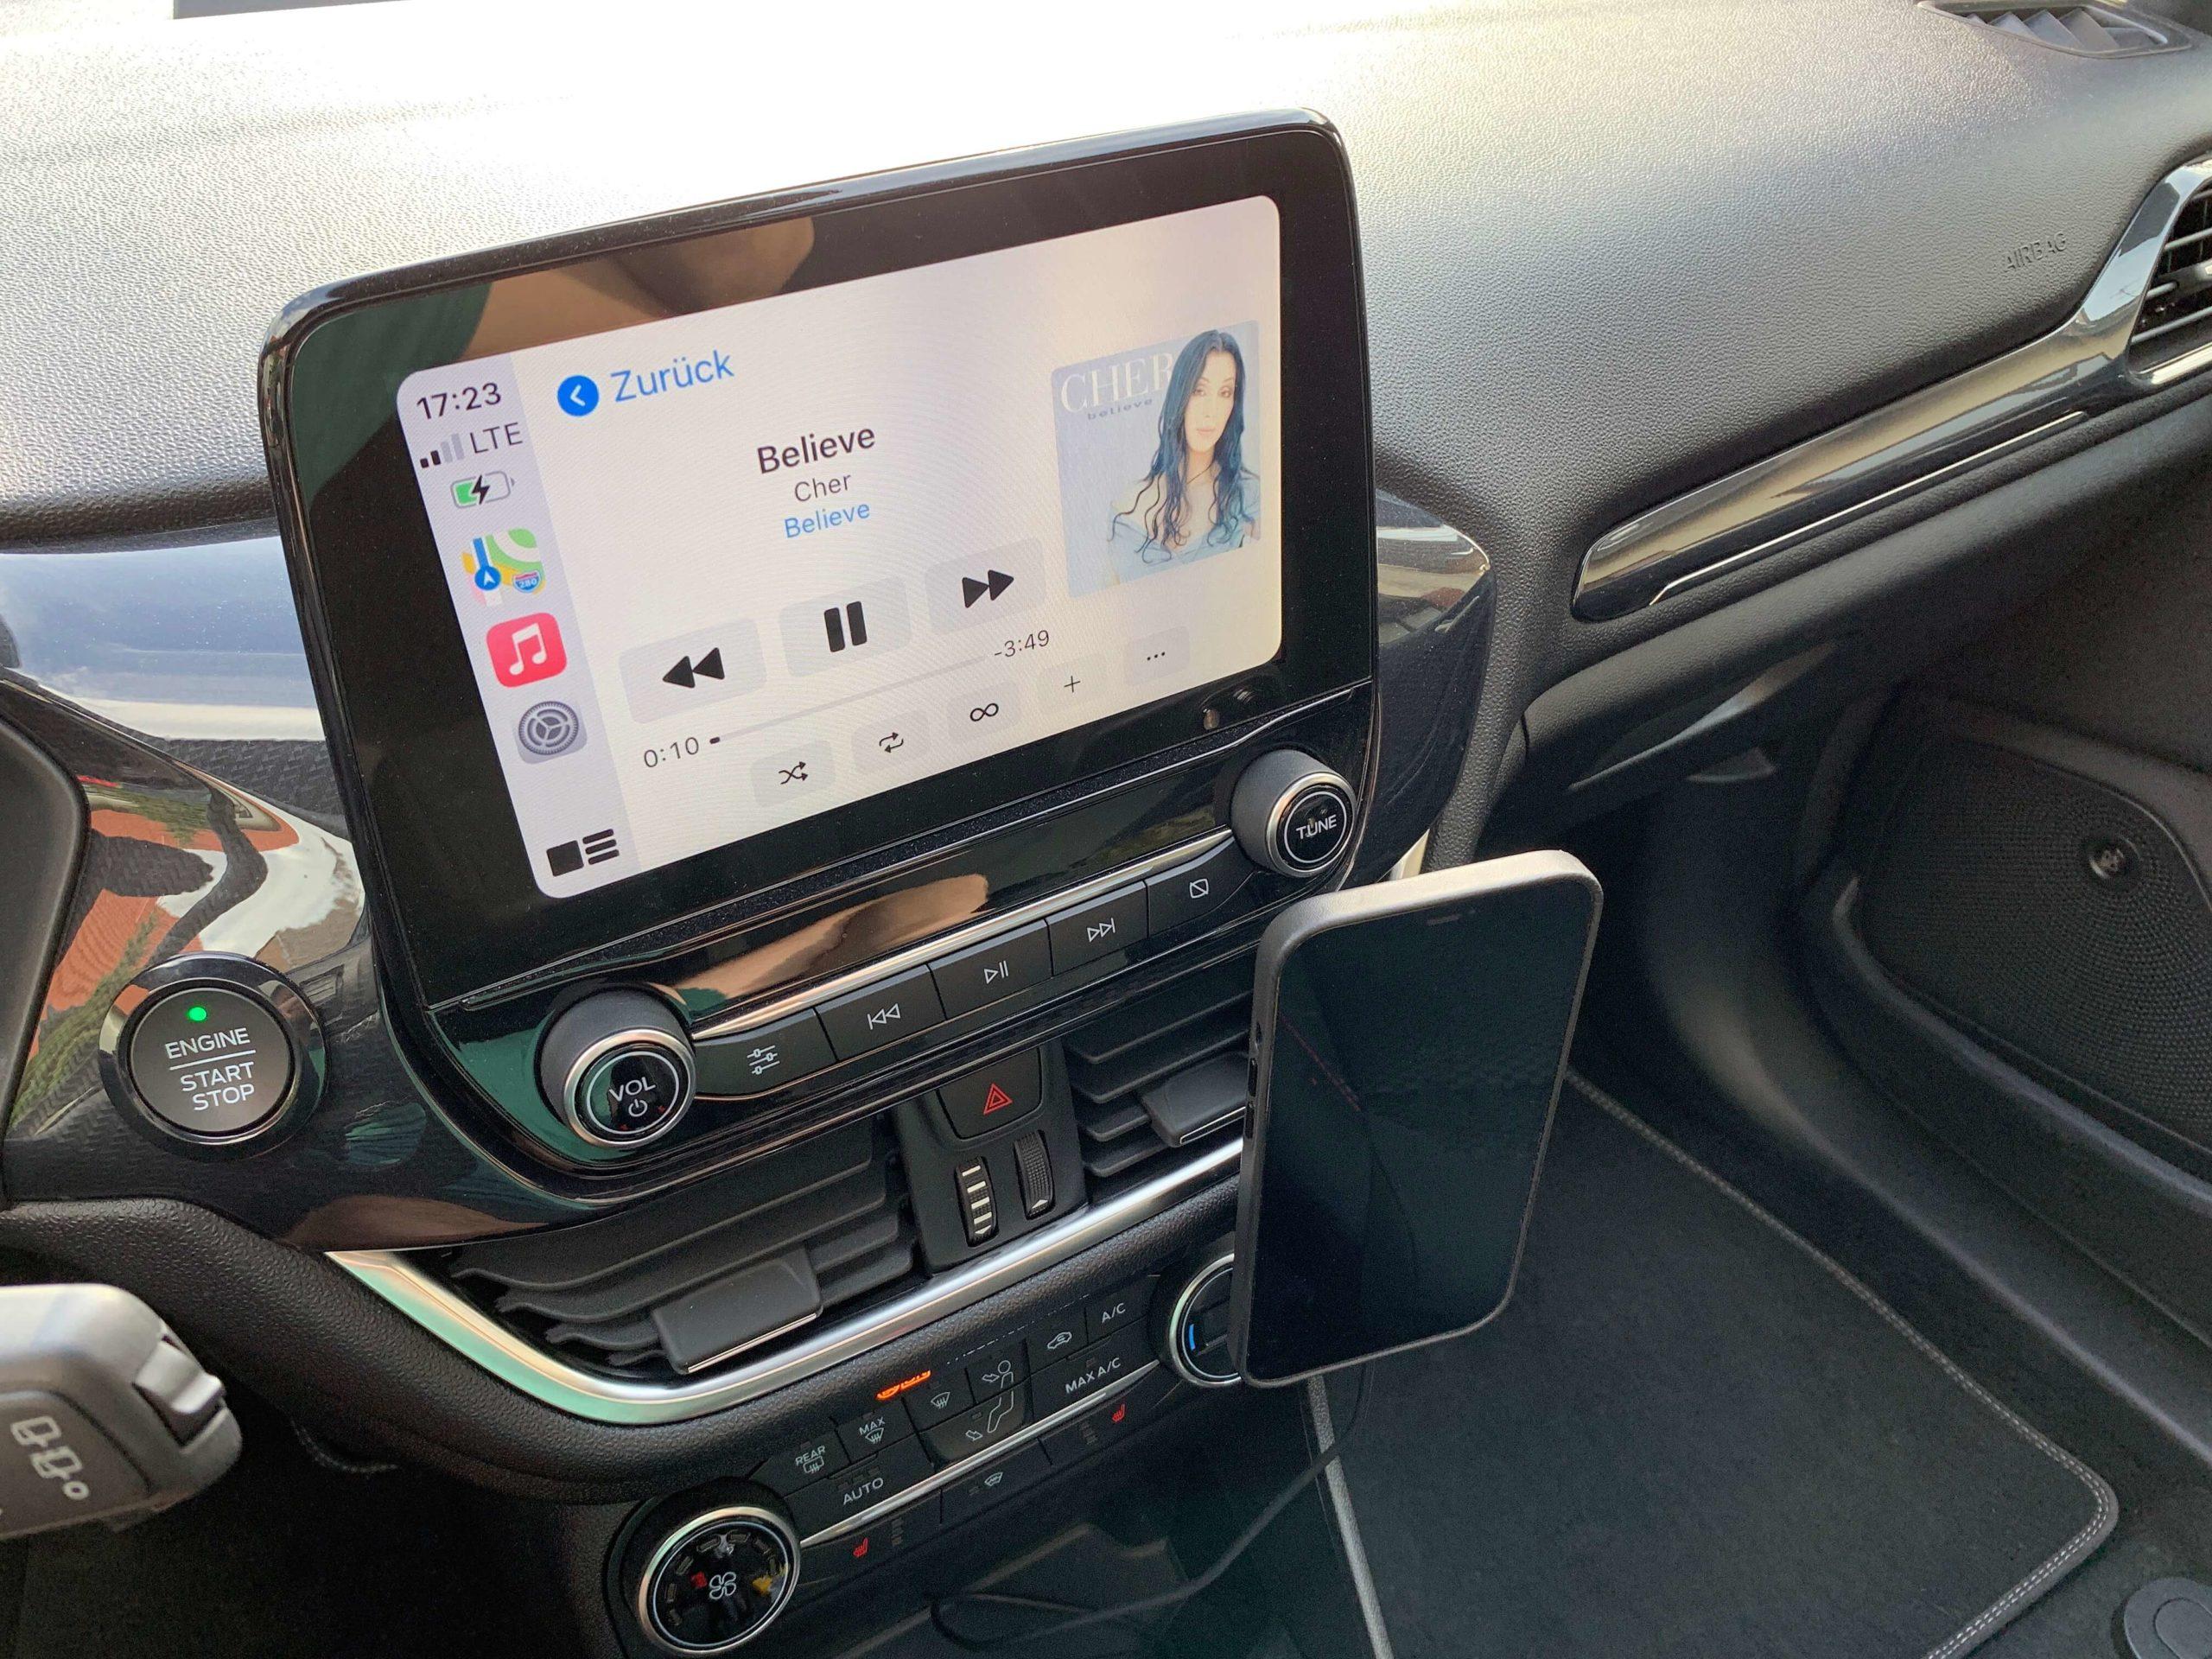 Drahtlos-das-iPhone-im-Auto-via-MagSafe-aufladen-einfach-und-fuer-jeden5-scaled Drahtlos das iPhone im Auto via MagSafe aufladen